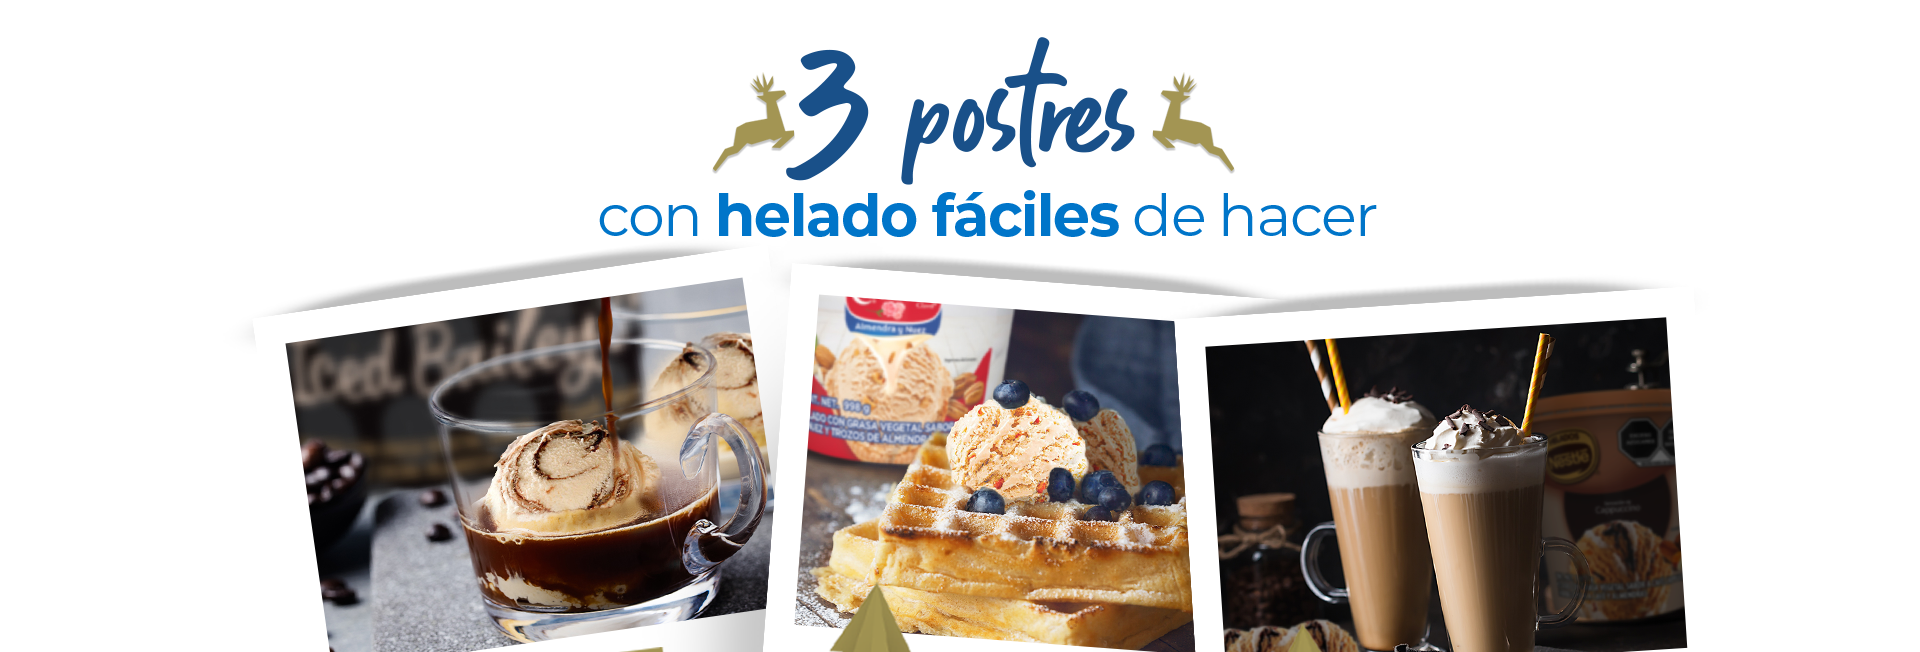 3 postres fáciles de hacer con helado